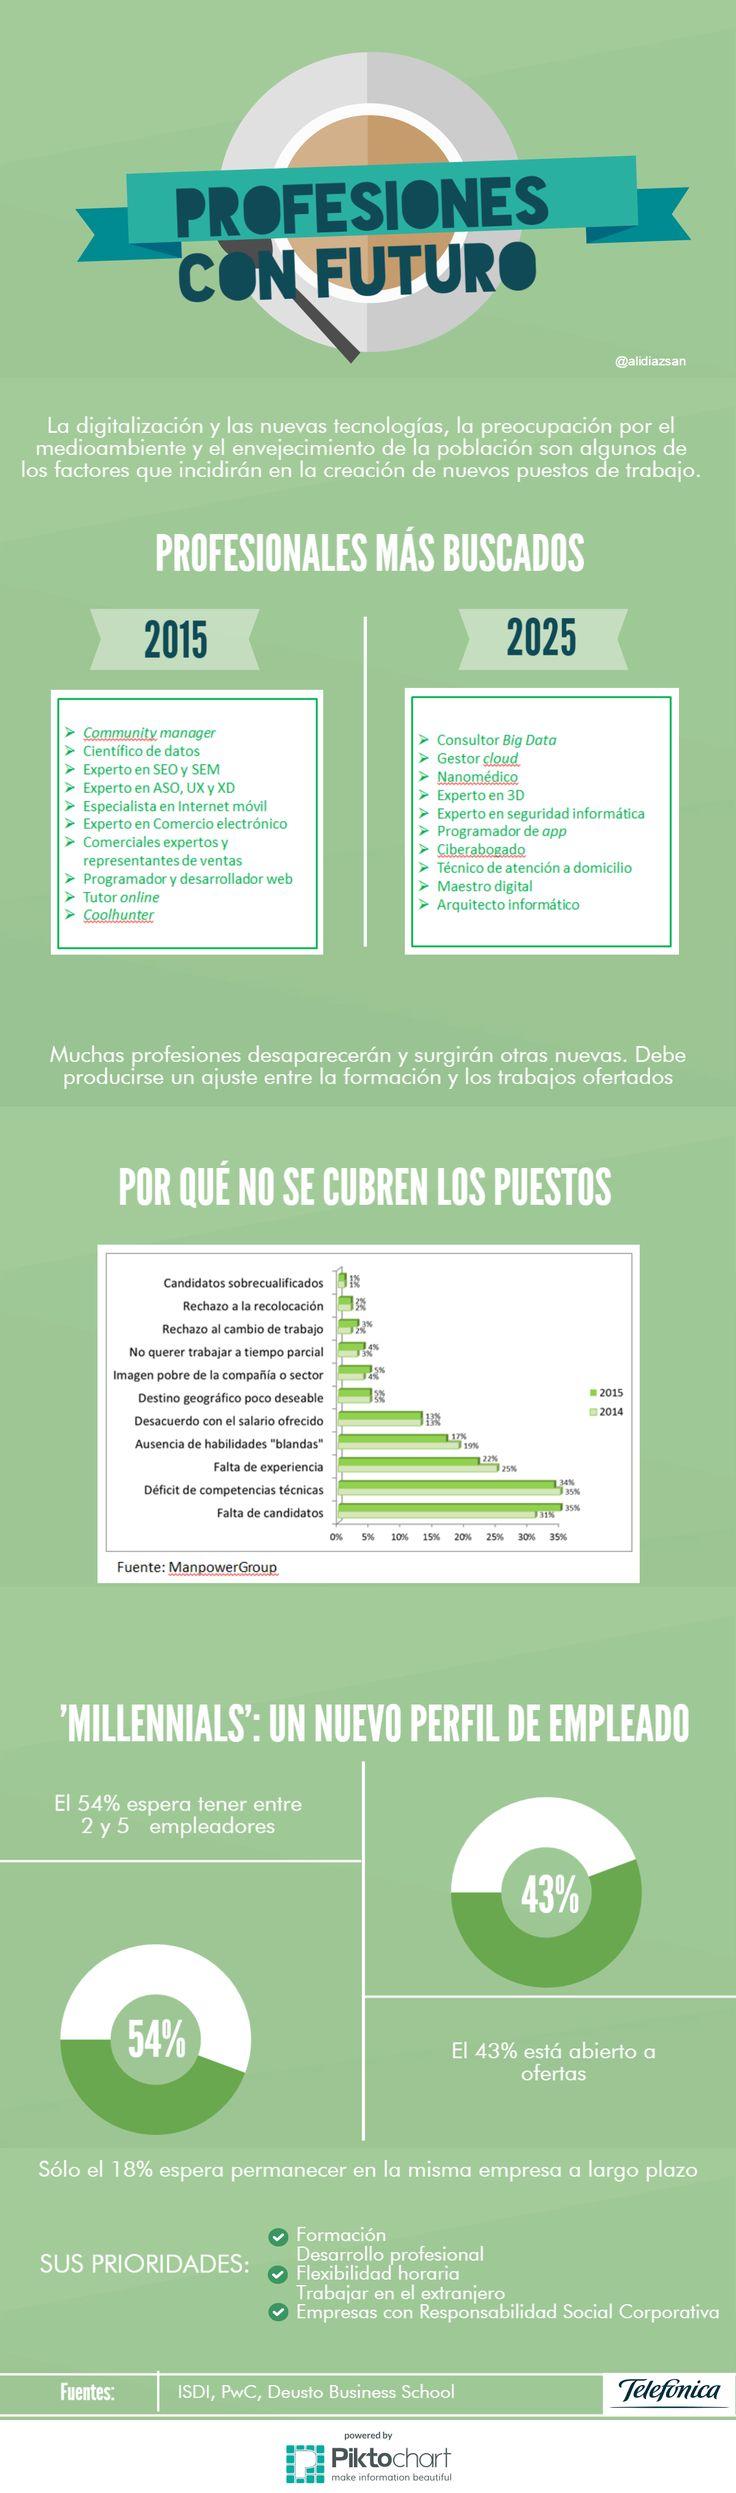 Hola: Una infografía sobre las Profesiones con futuro. Vía Un saludo